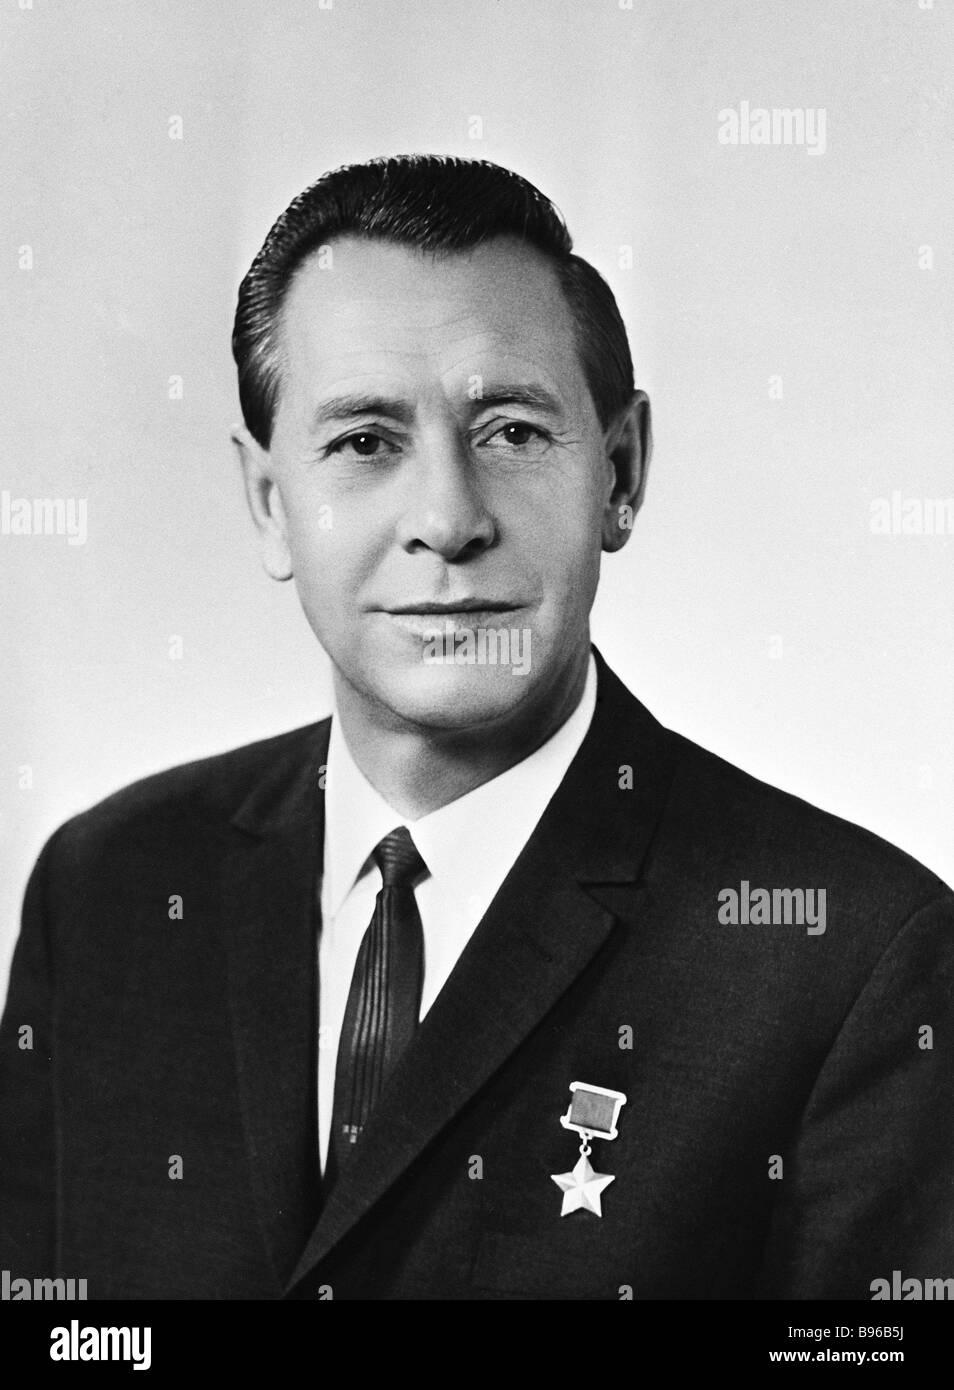 Piotr Mironovich Masherov 1919 1980 qui était un état figure Héros de l'Union soviétique Photo Stock